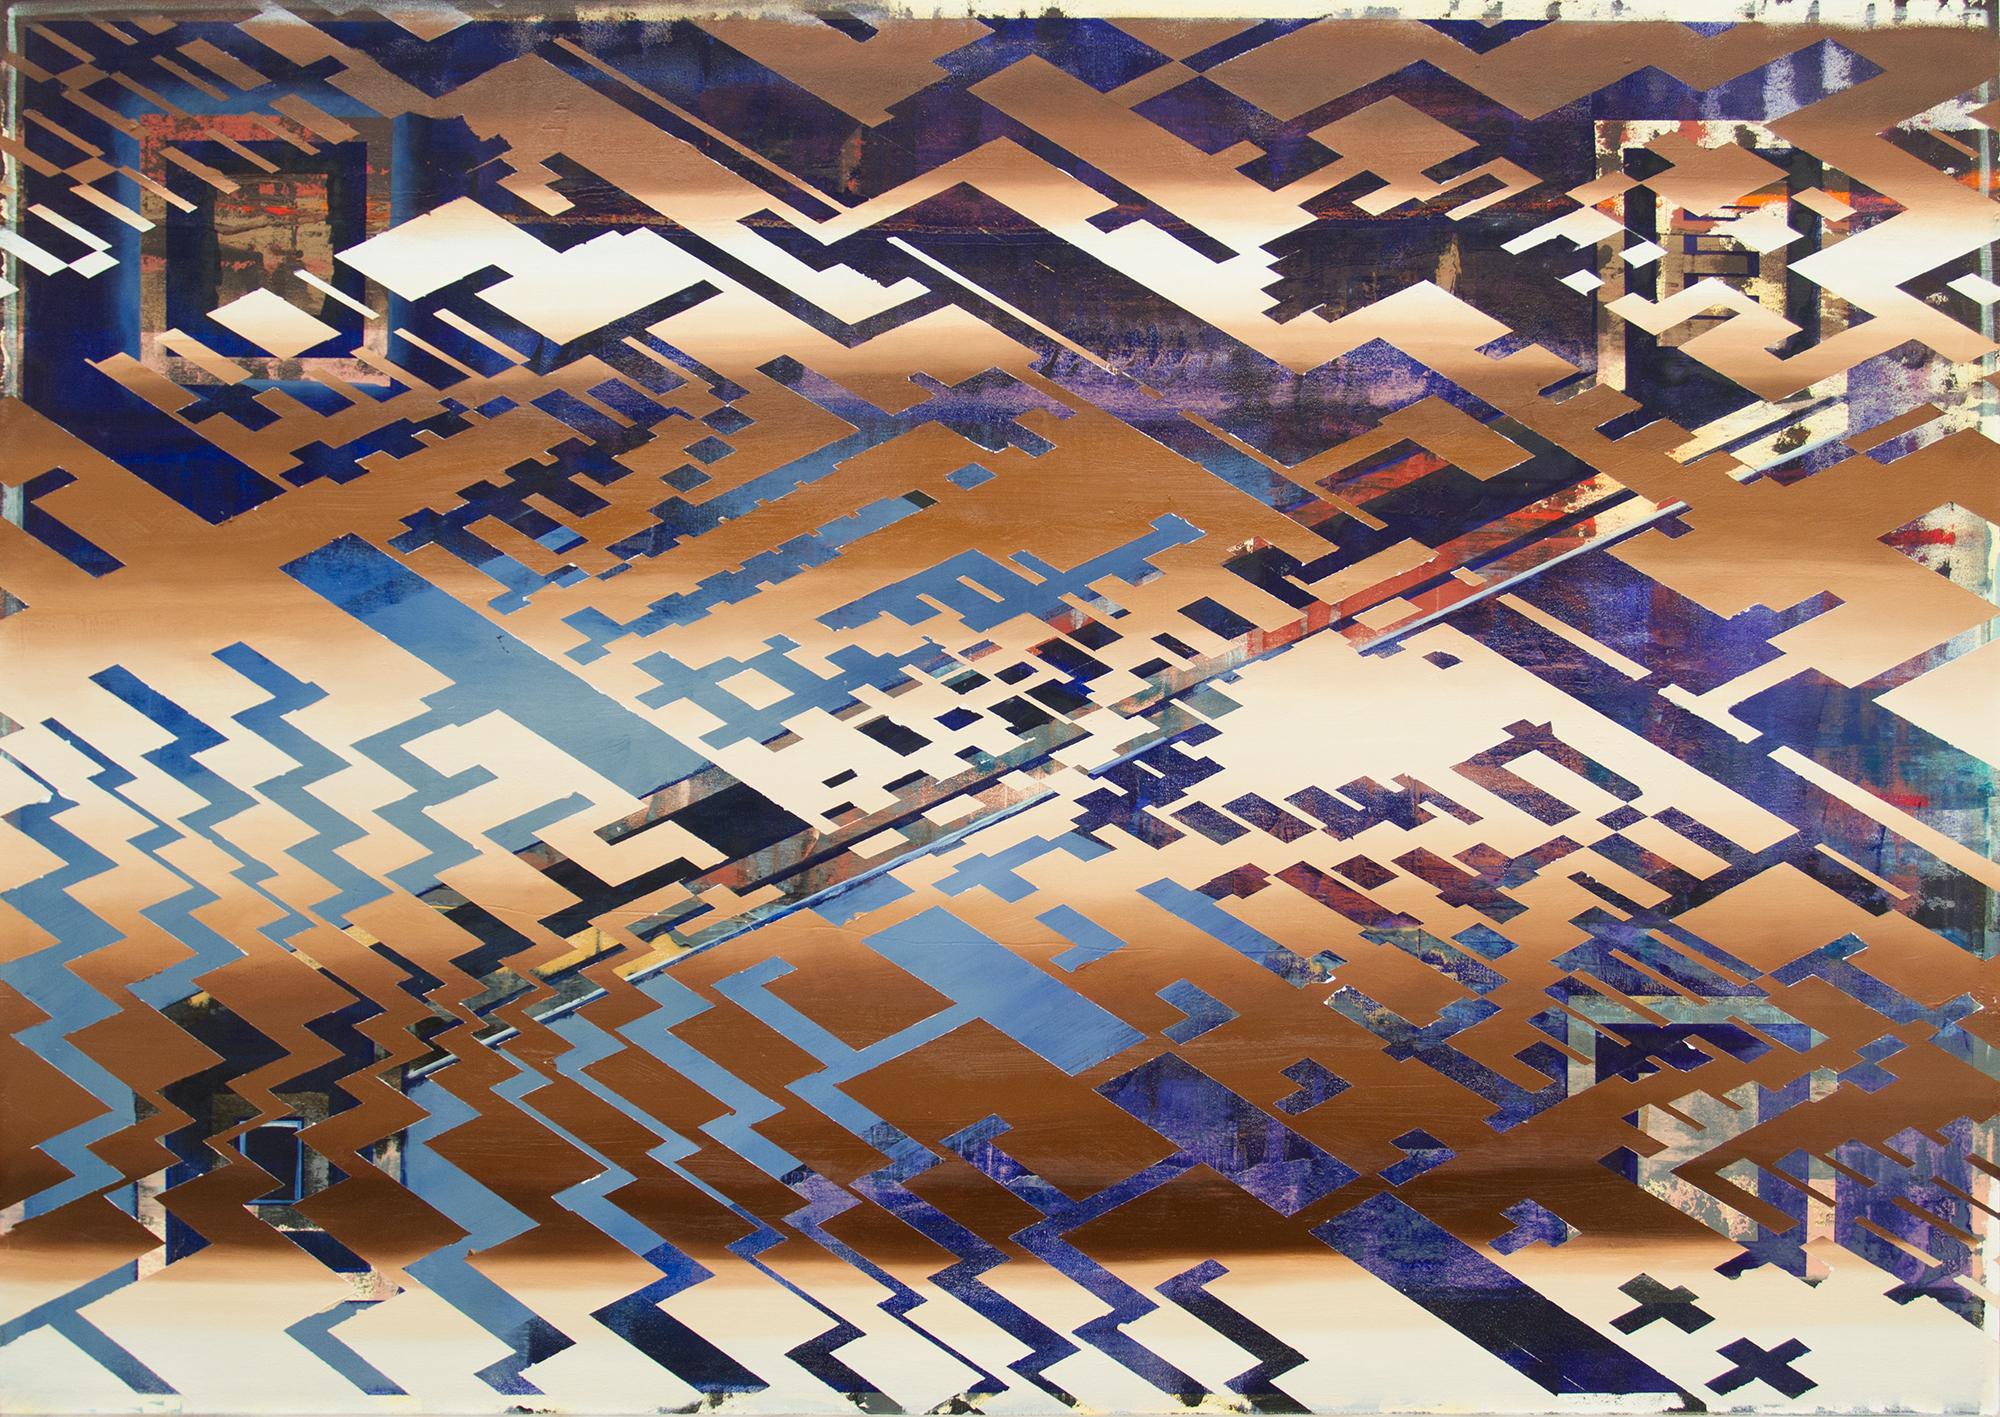 Boliviano, 2017, oil on canvas, 68 x 48